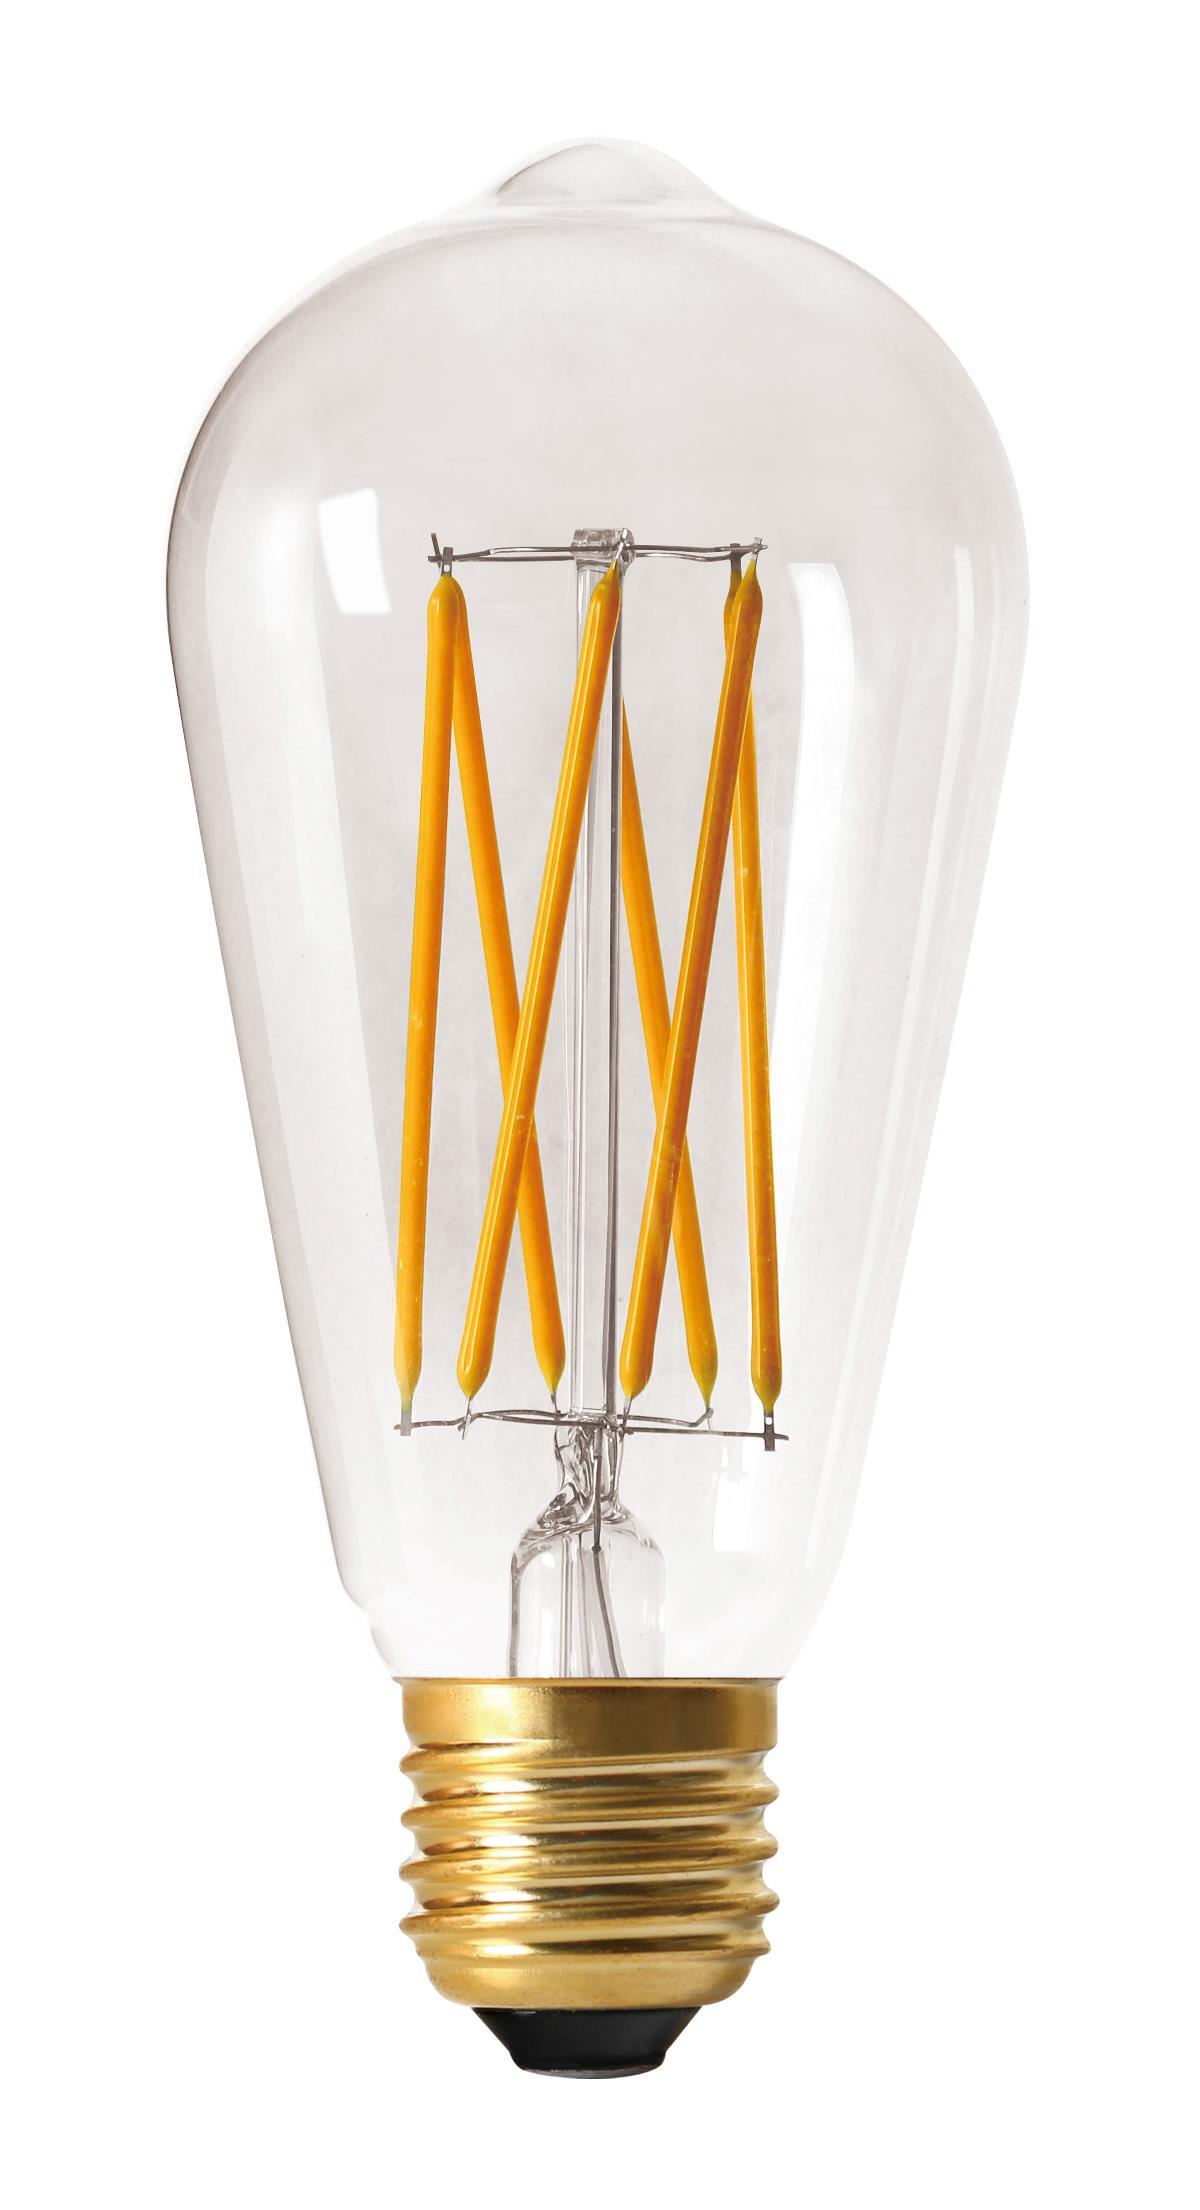 danlamp E27 - 4w led edison fra luxlight.dk